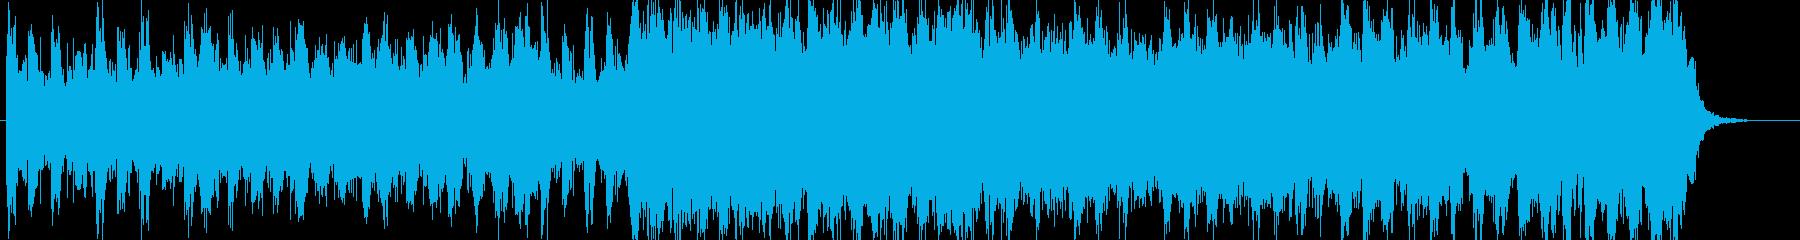 困難に立ち向かうイメージの再生済みの波形